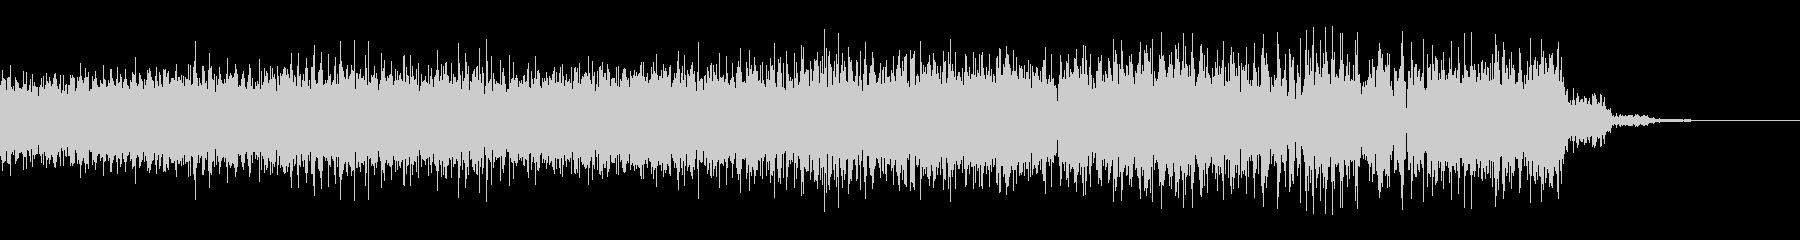 ビリビリとしびれるようなチャージ音の未再生の波形